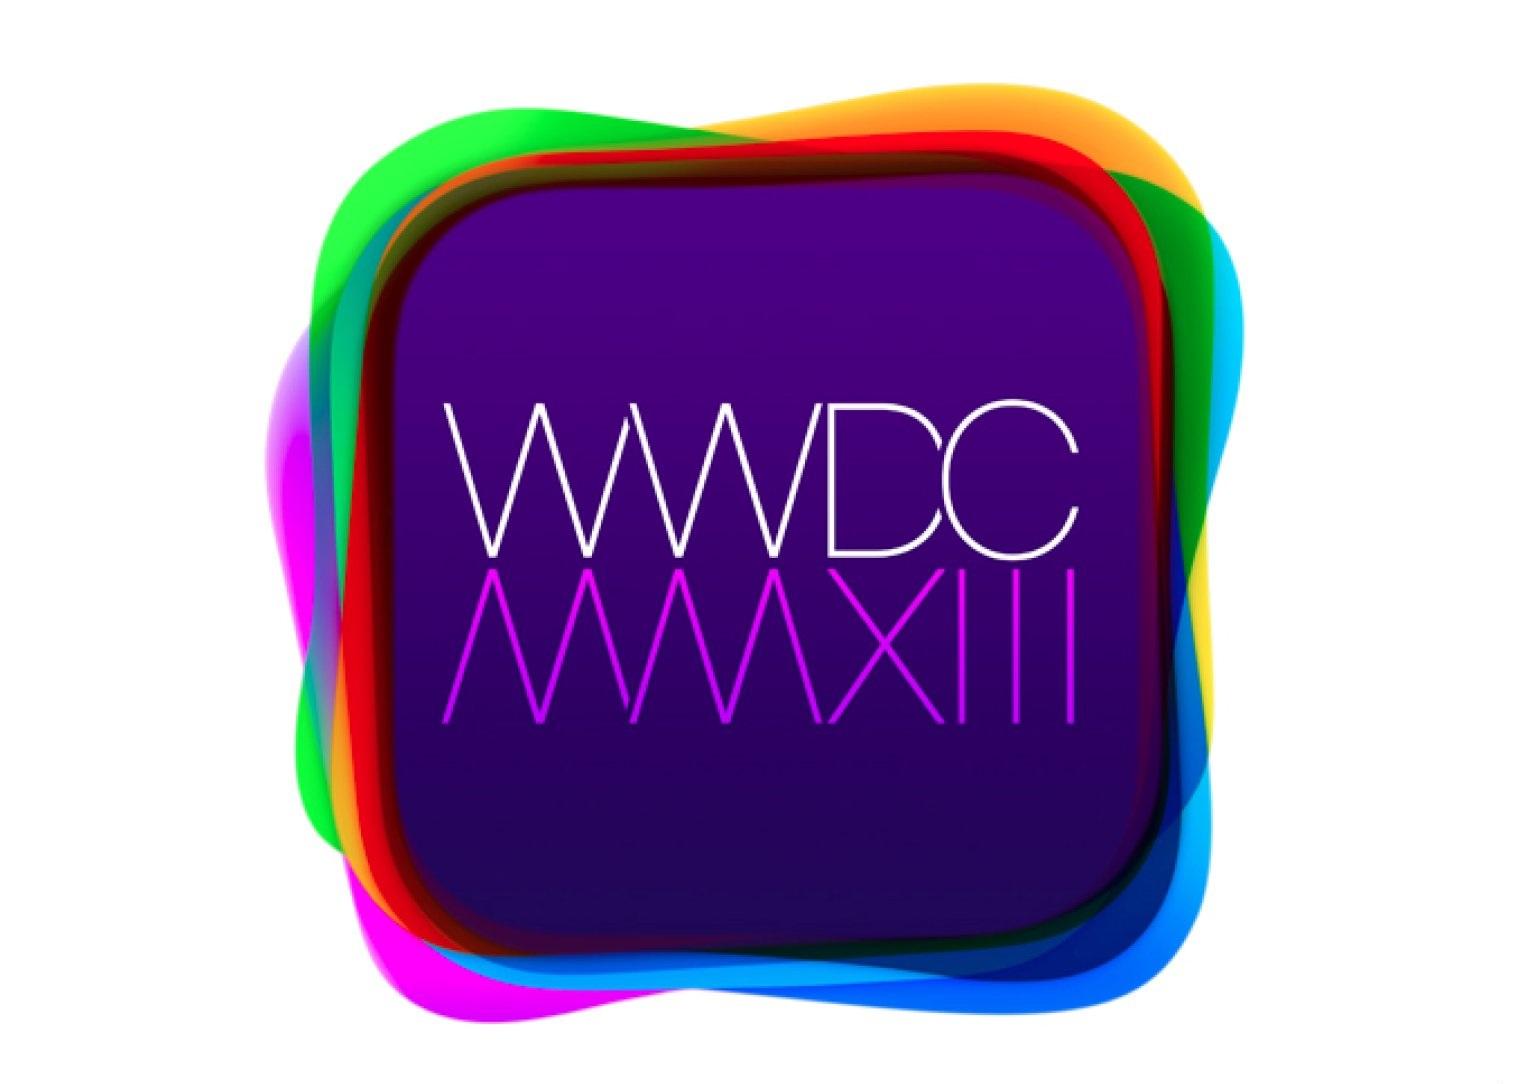 WWDC 2013: ecco i segreti celati dietro il logo dell'attesissimo evento